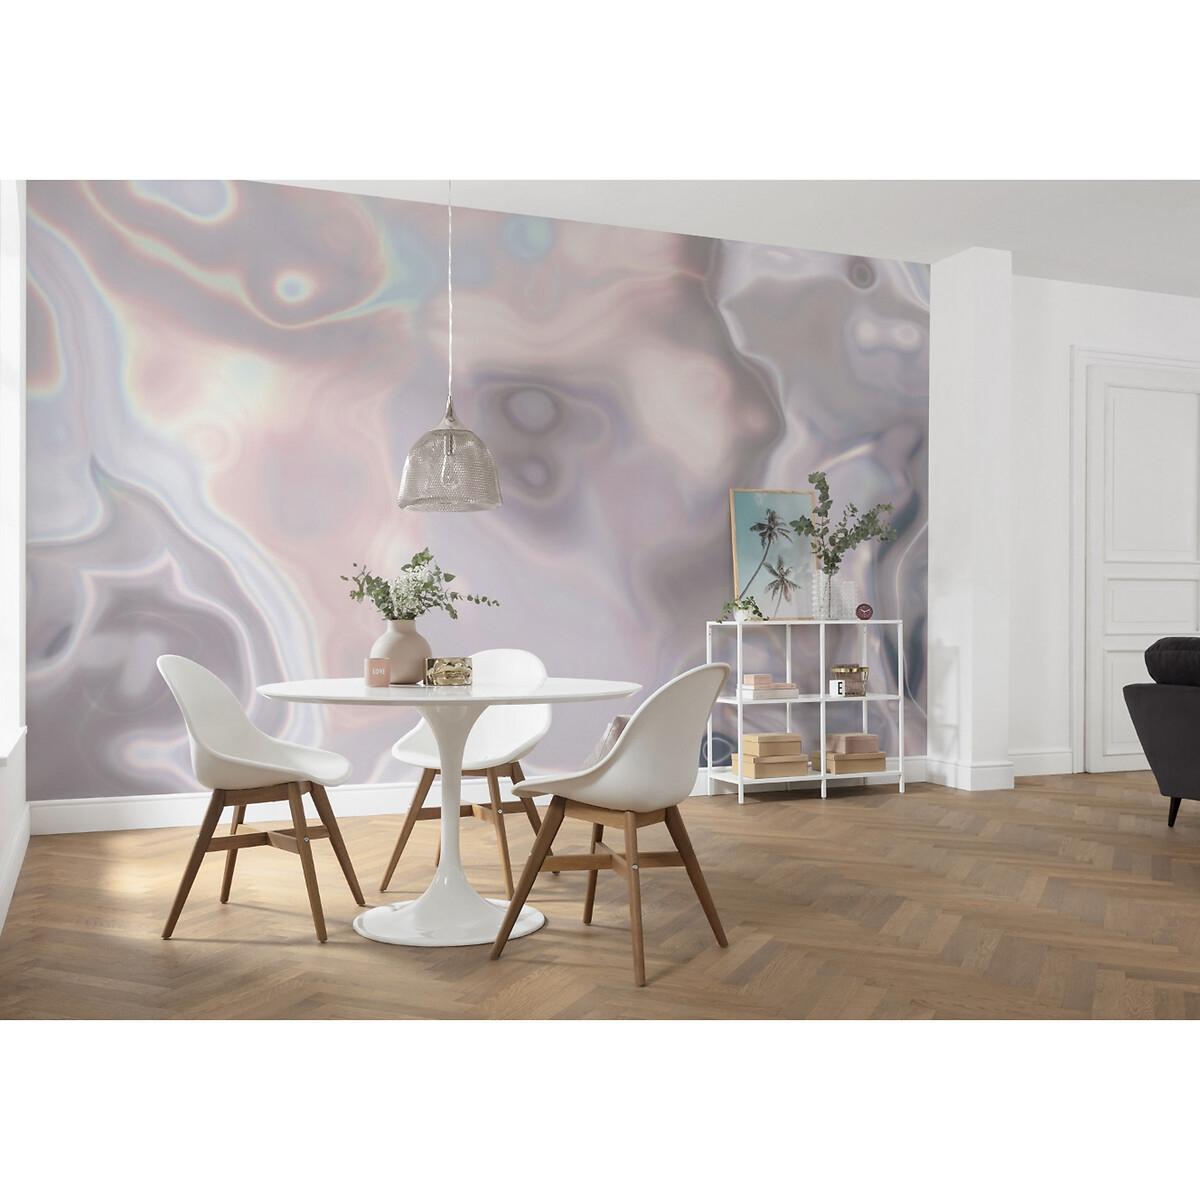 INTERELIFE - Interelife Papel de parede foto mural Shimmering Waves, da Interelife